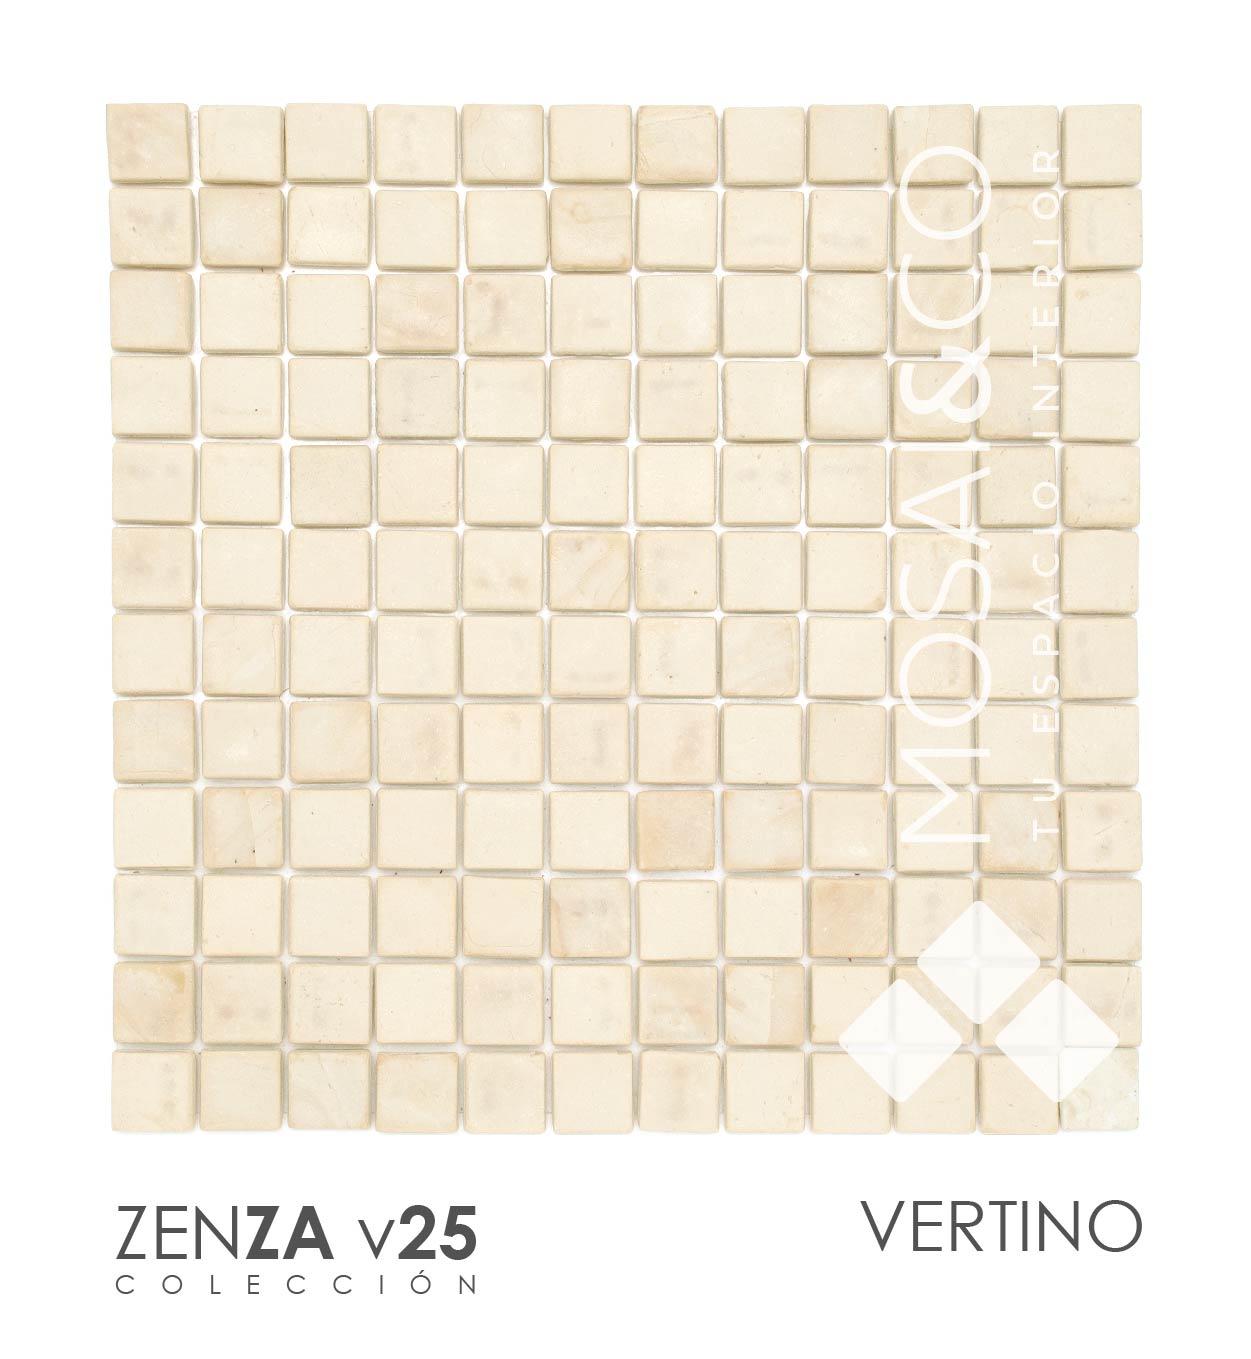 mosaico-decoracion-interiores-mosaiandco-coleccion-zenza-v25_Vertino